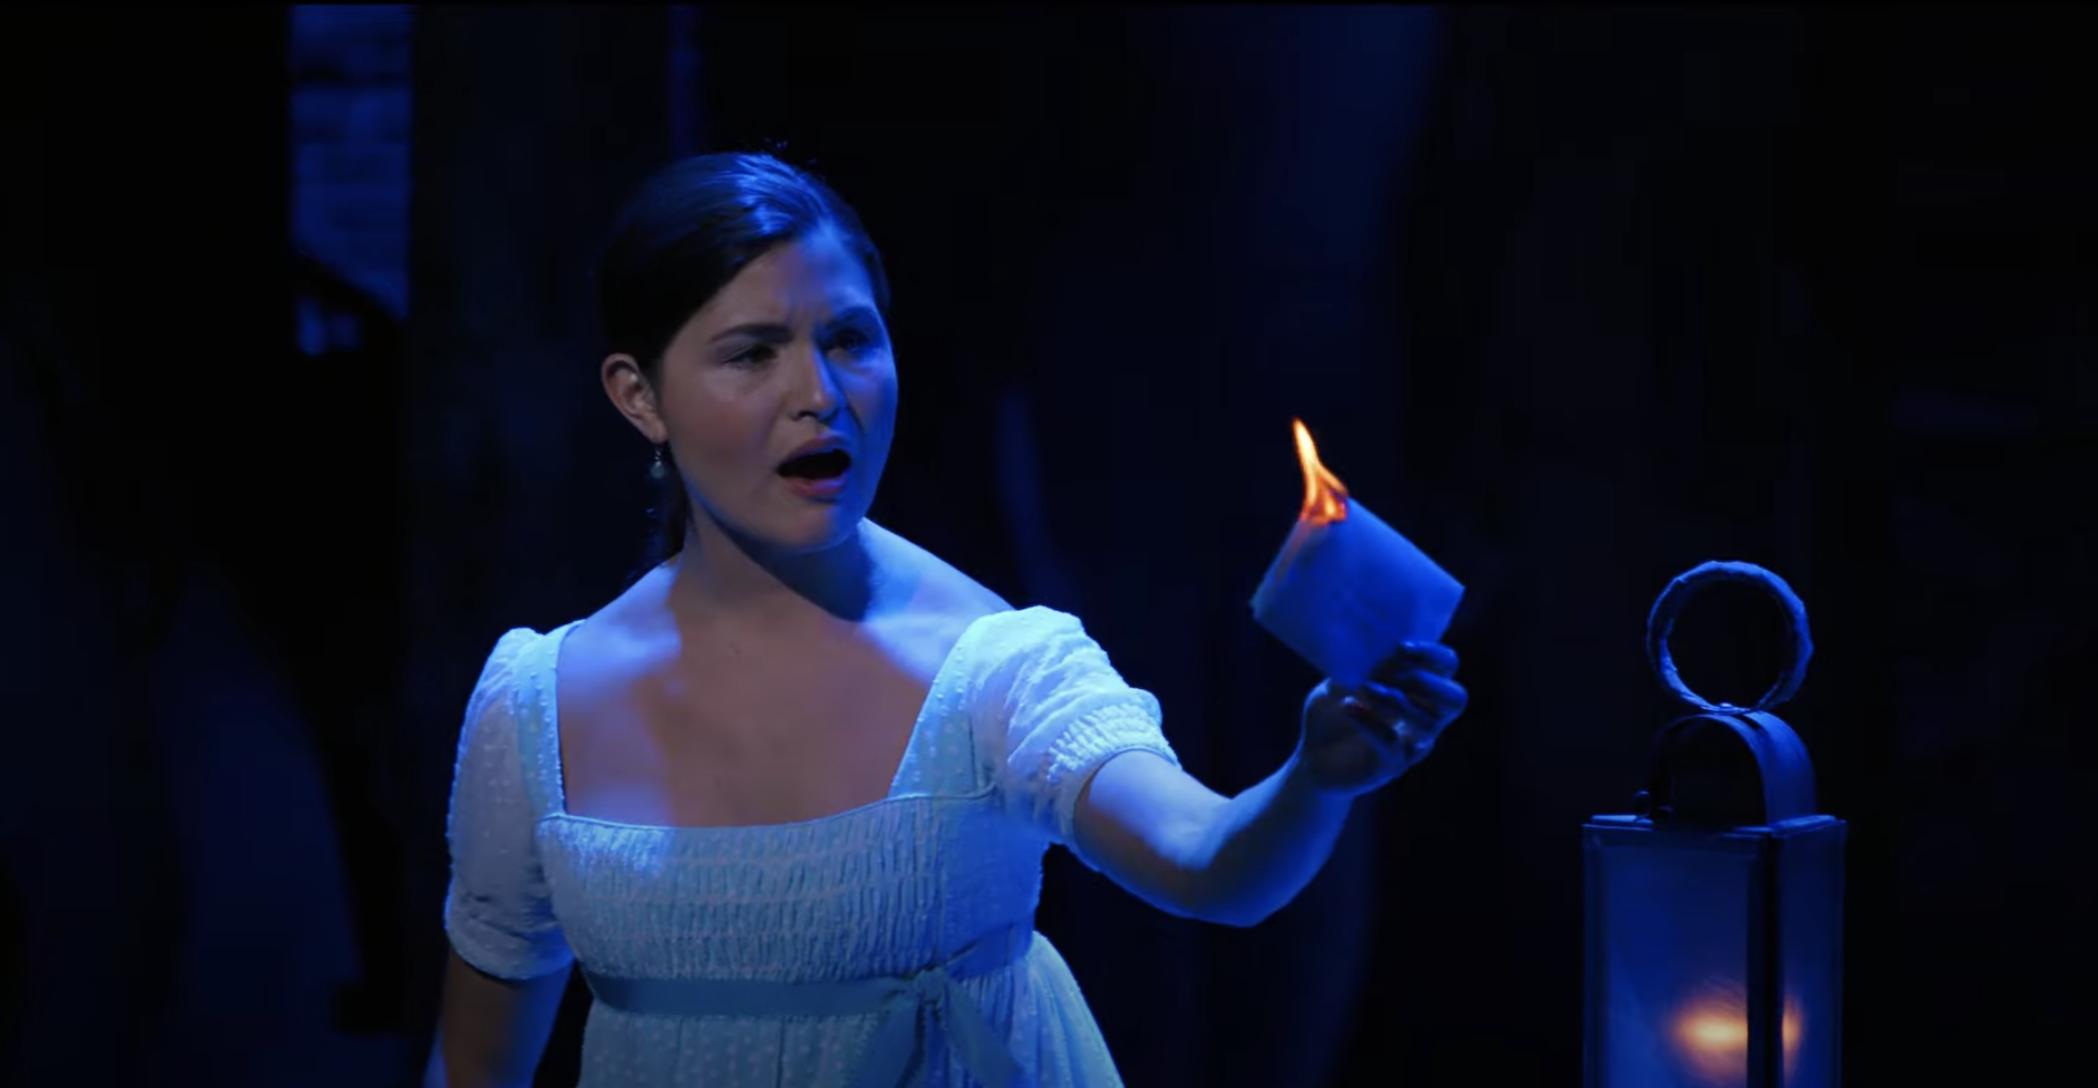 """Phillipa Soo as Eliza Schuyler performing """"Burn"""" in Hamilton"""